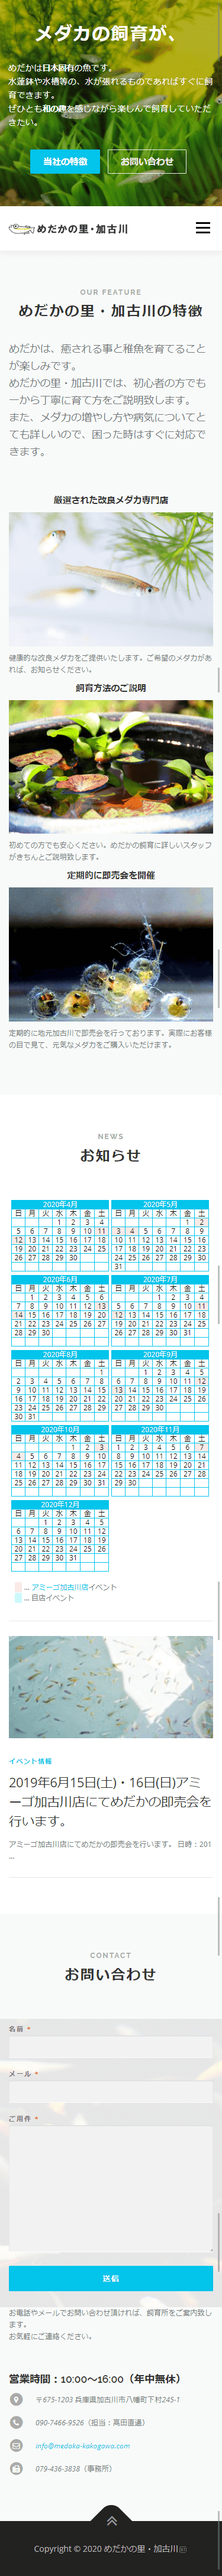 加古川市 めだかの里・加古川 ホームページ制作3